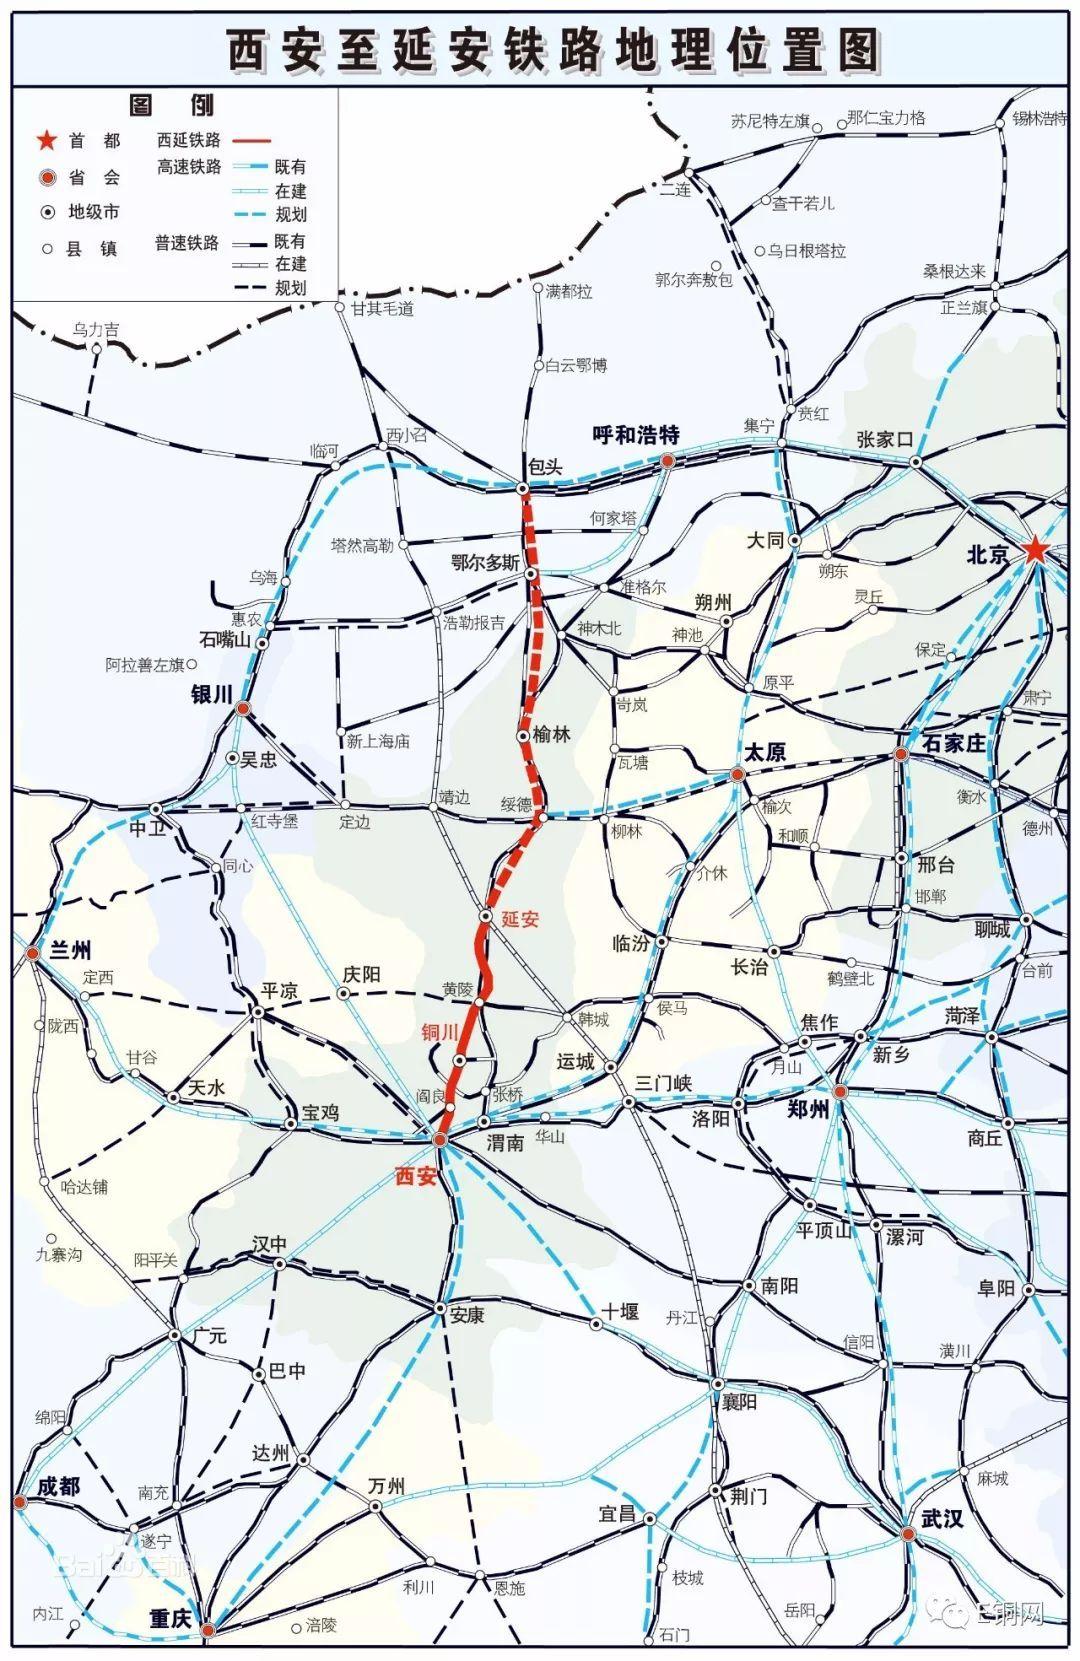 高陵区岳华村规划图